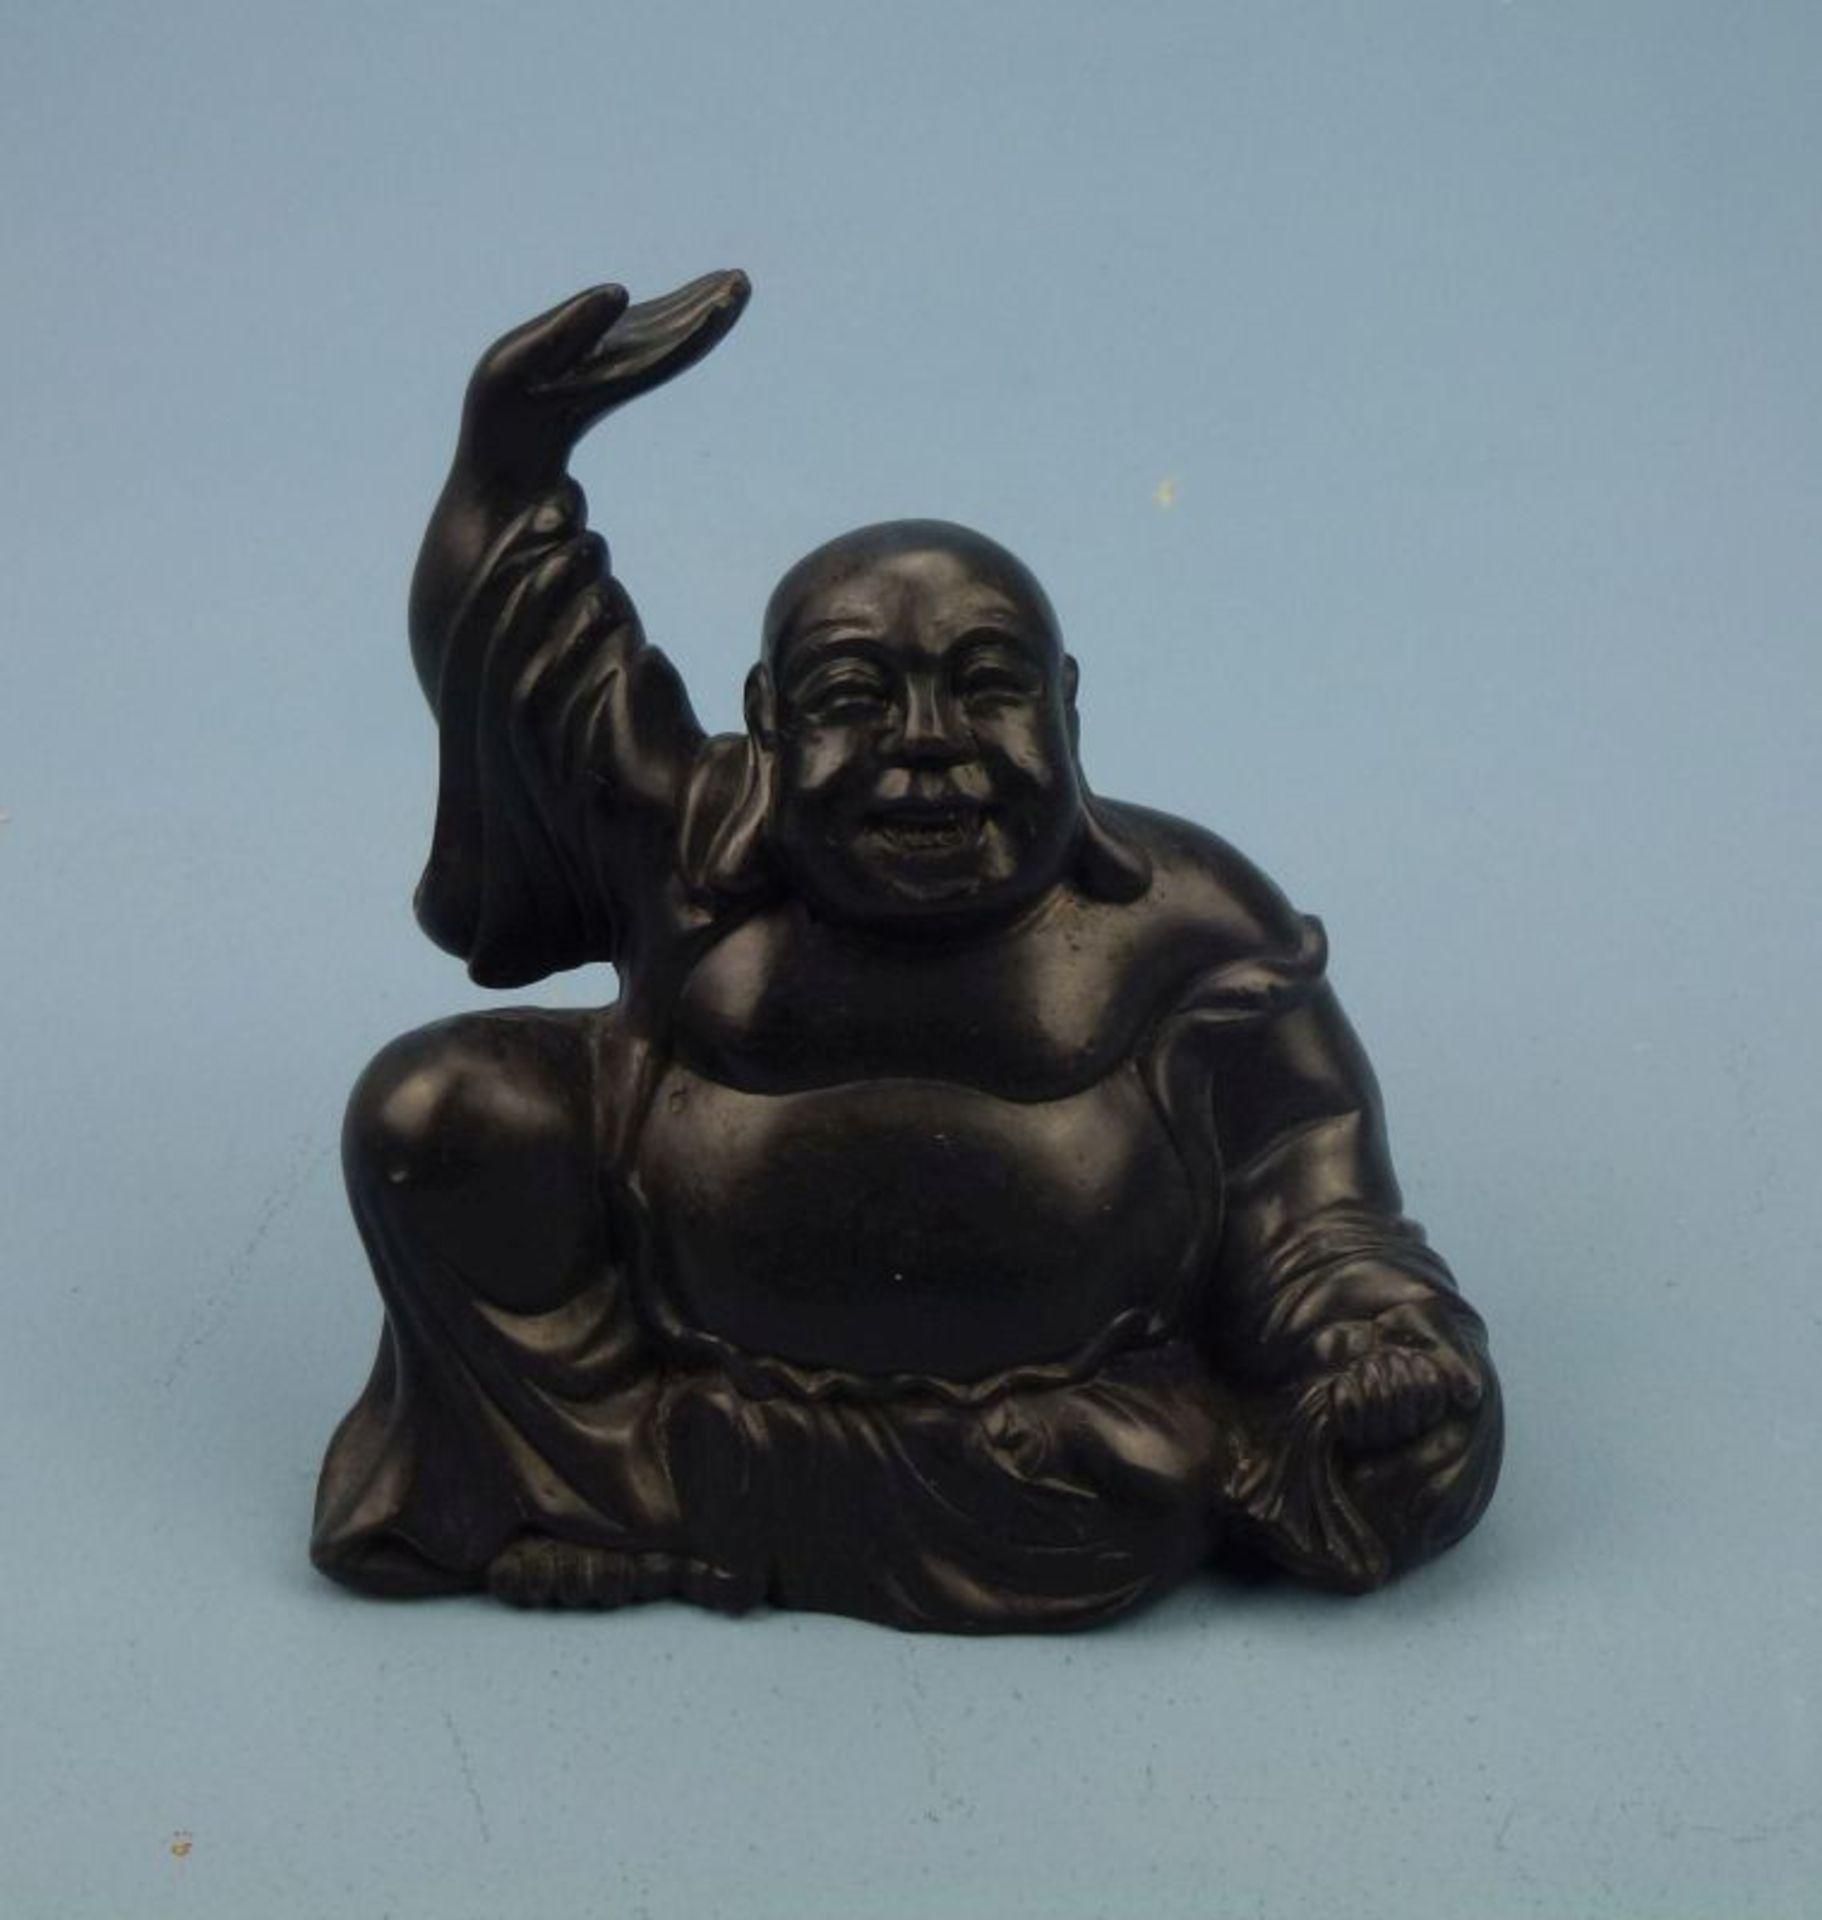 Budai BuddhaTon(?) schwarz lackiert, sitzender u. lachender dickbäuchiger Buddha m. über Kopf